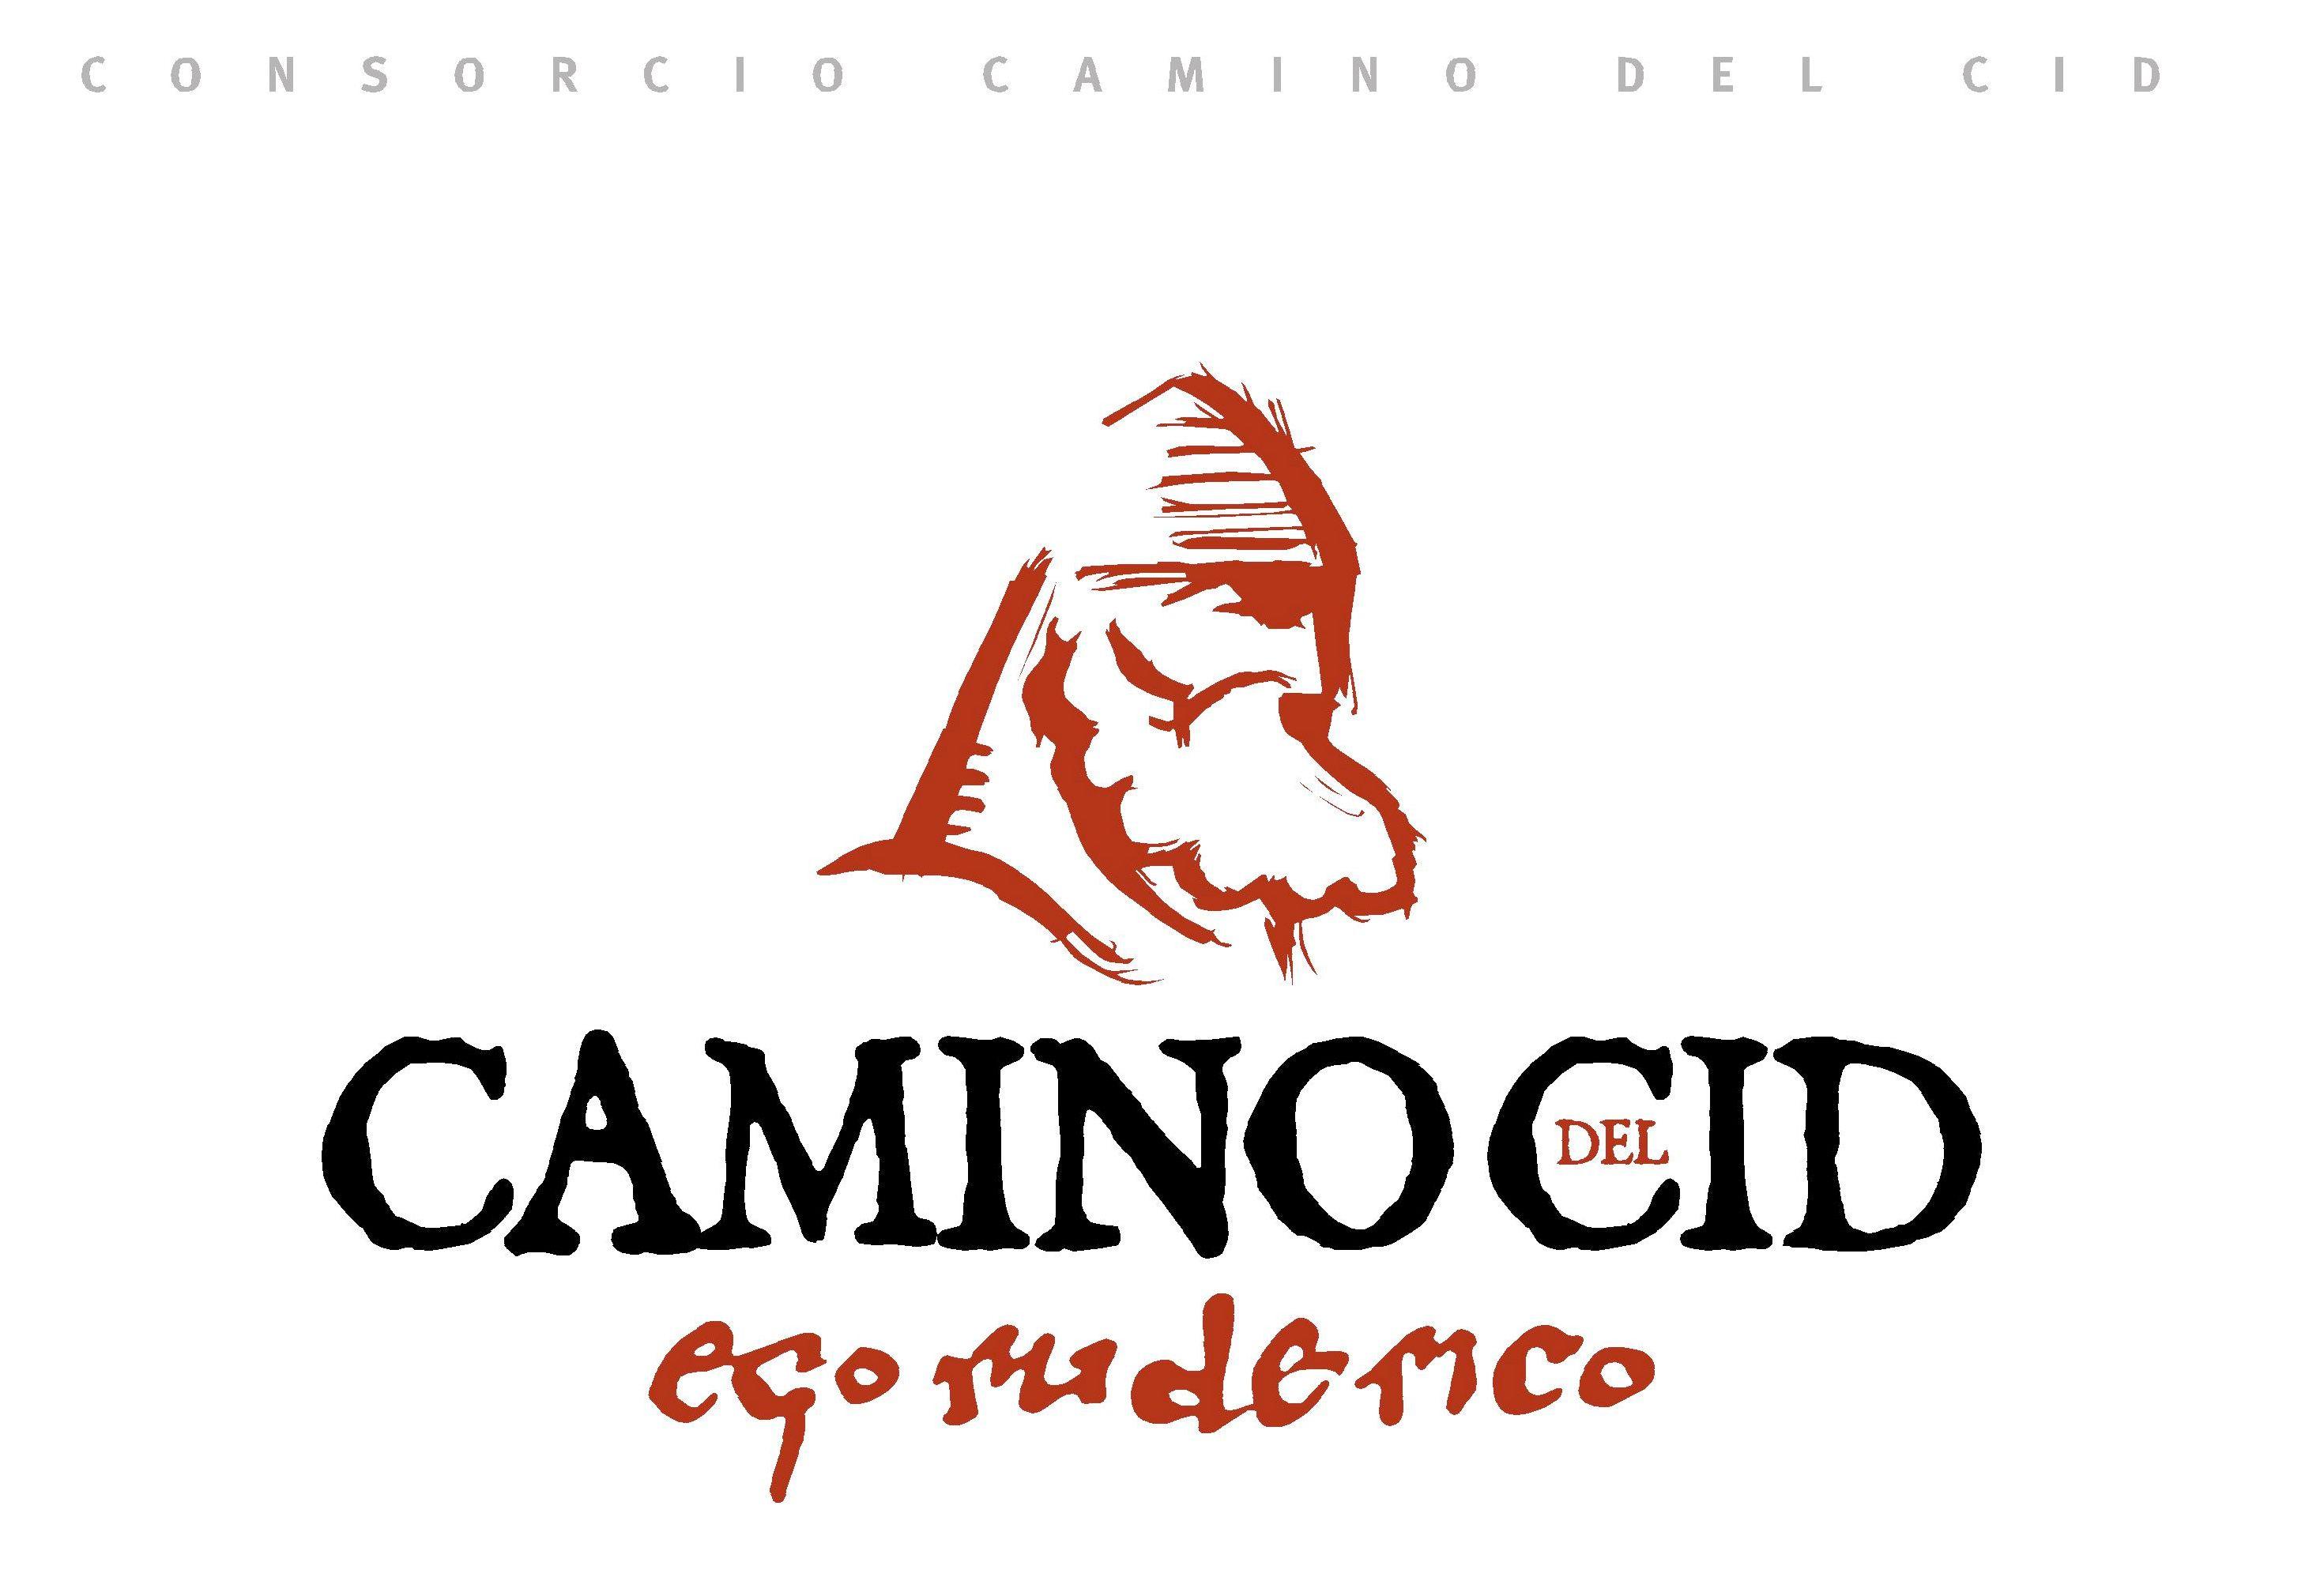 """""""El camino del Cid"""": itinerario turístico cultural que segue as pegadas de Rodrigo Díaz de Vivar utilizando como principal guía de viaxe o """"Cantar de mío Cid"""". http://www.caminodelcid.org/Camino_ElCAMINOdelCIDlasrutasycomorecorrerlas.aspx"""